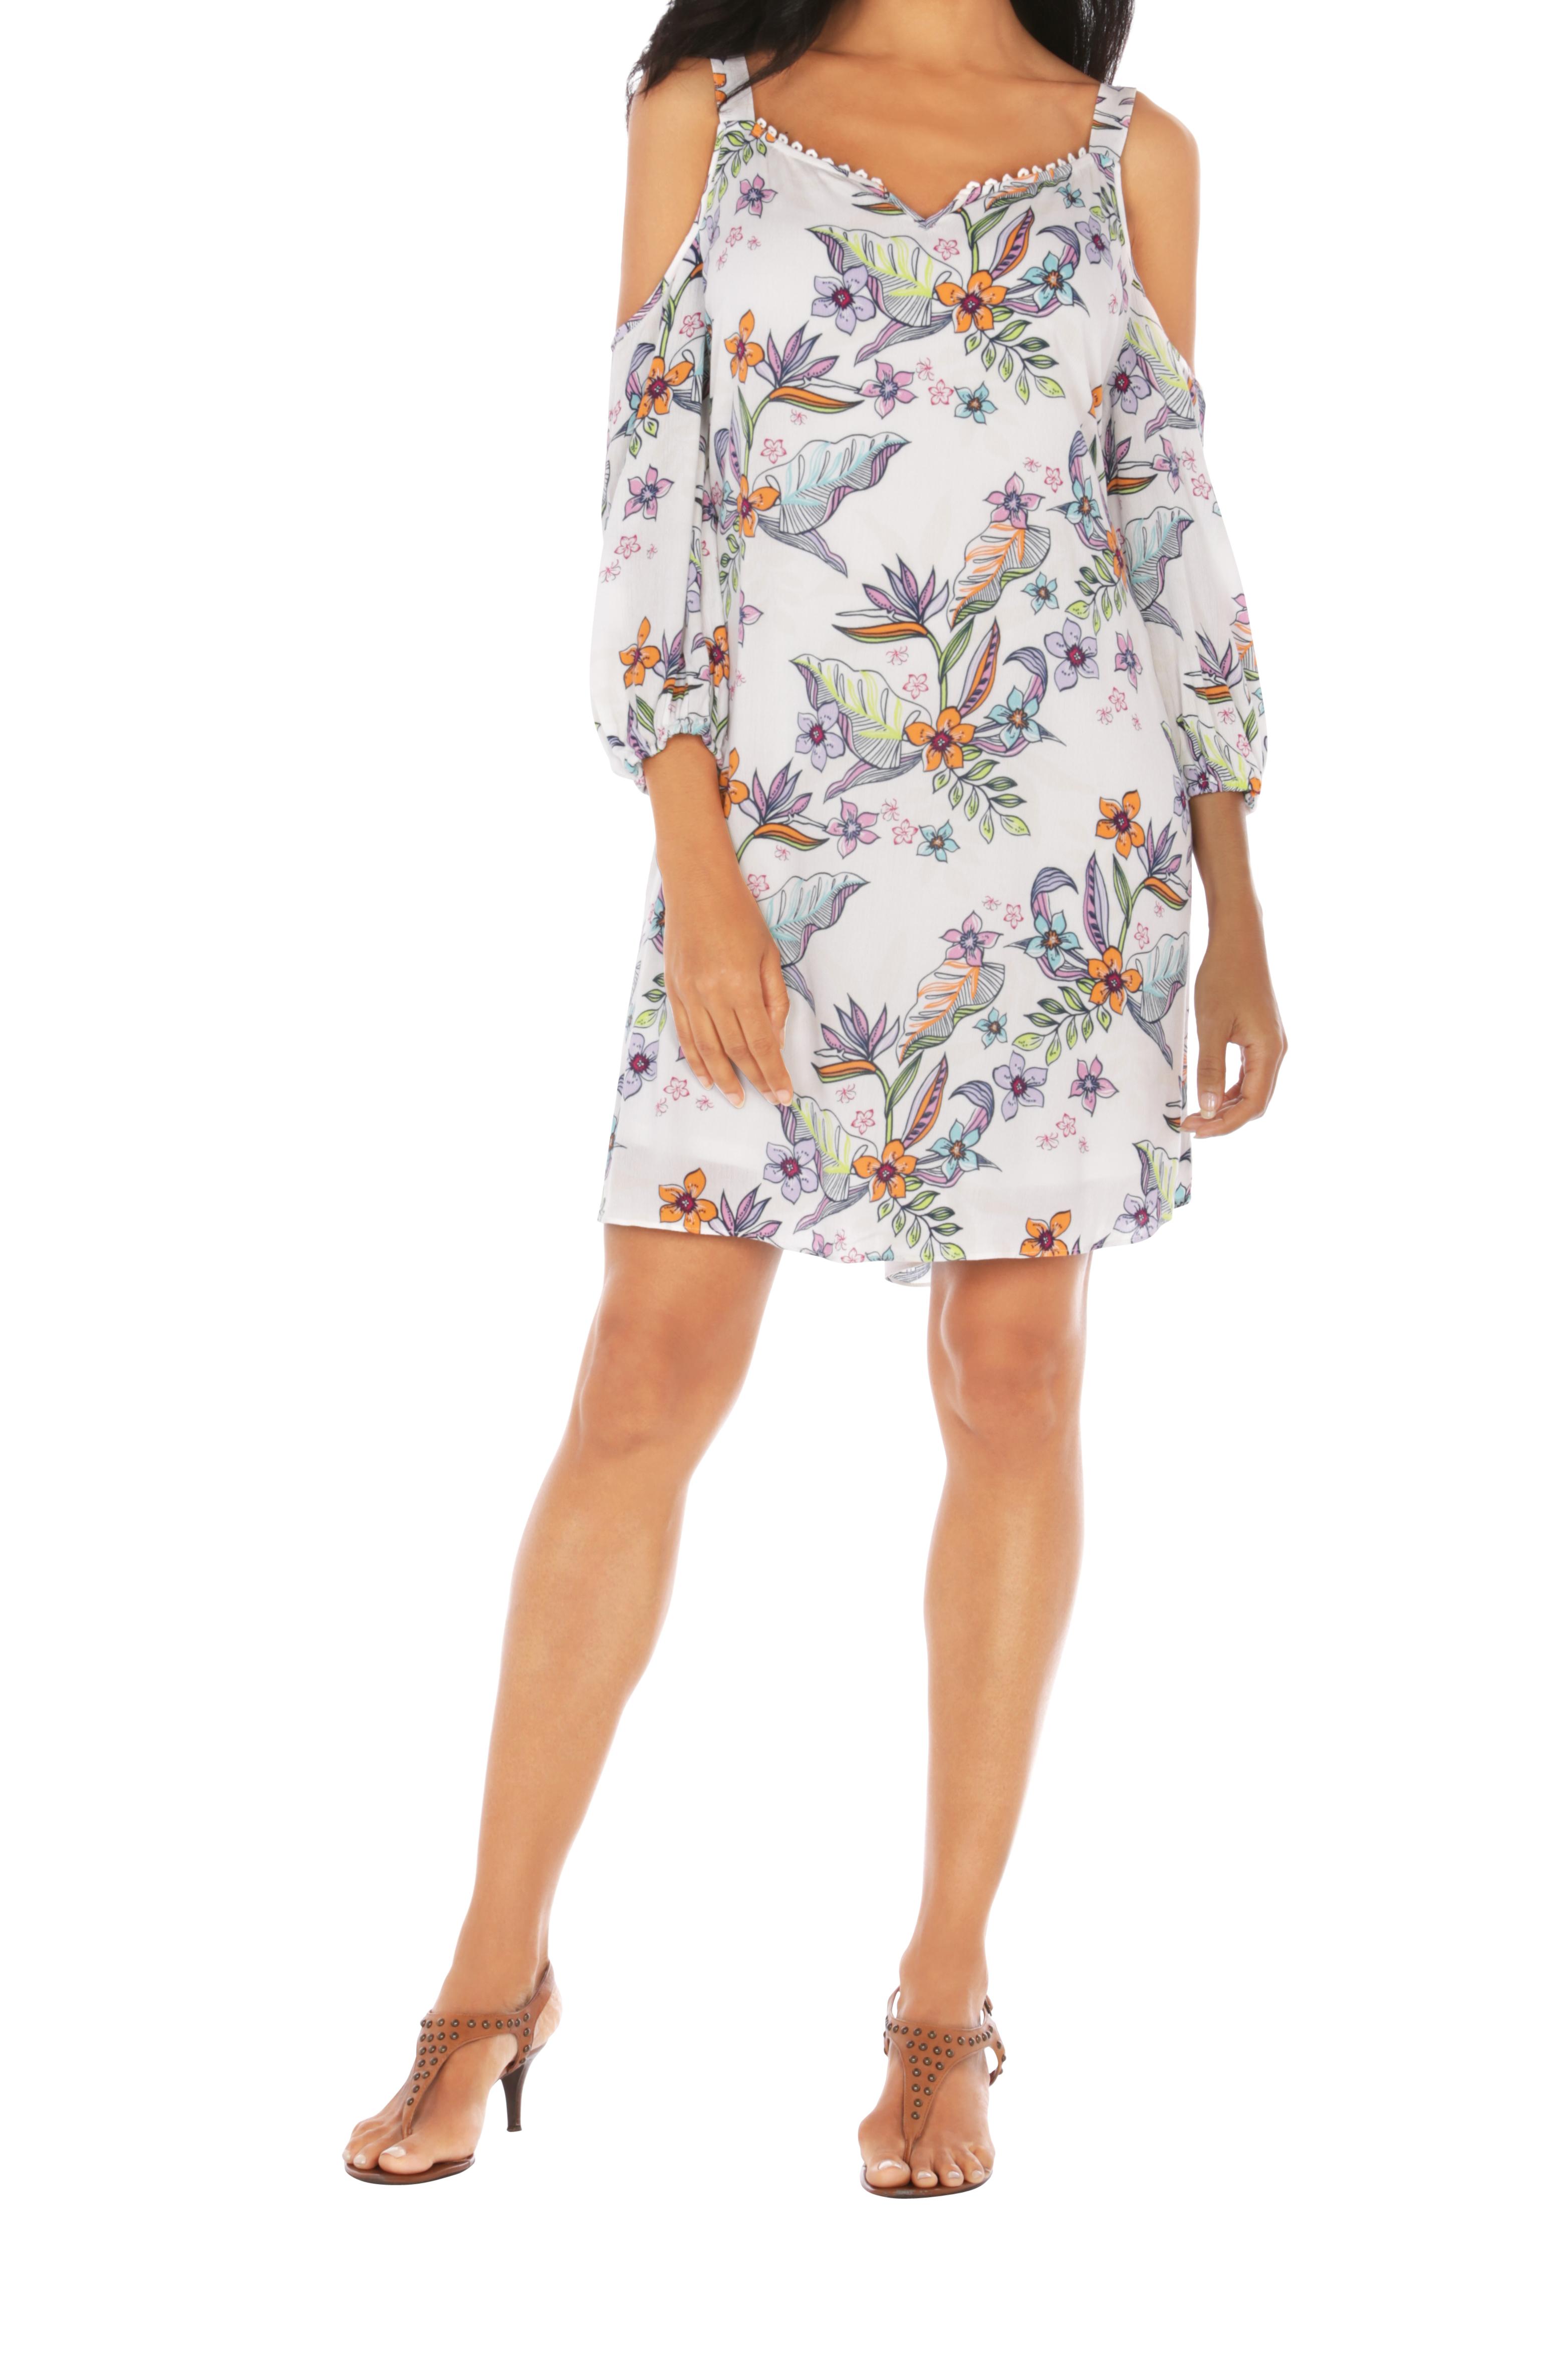 Caribbean Joe® Cold Shoulder Dress -White - Front